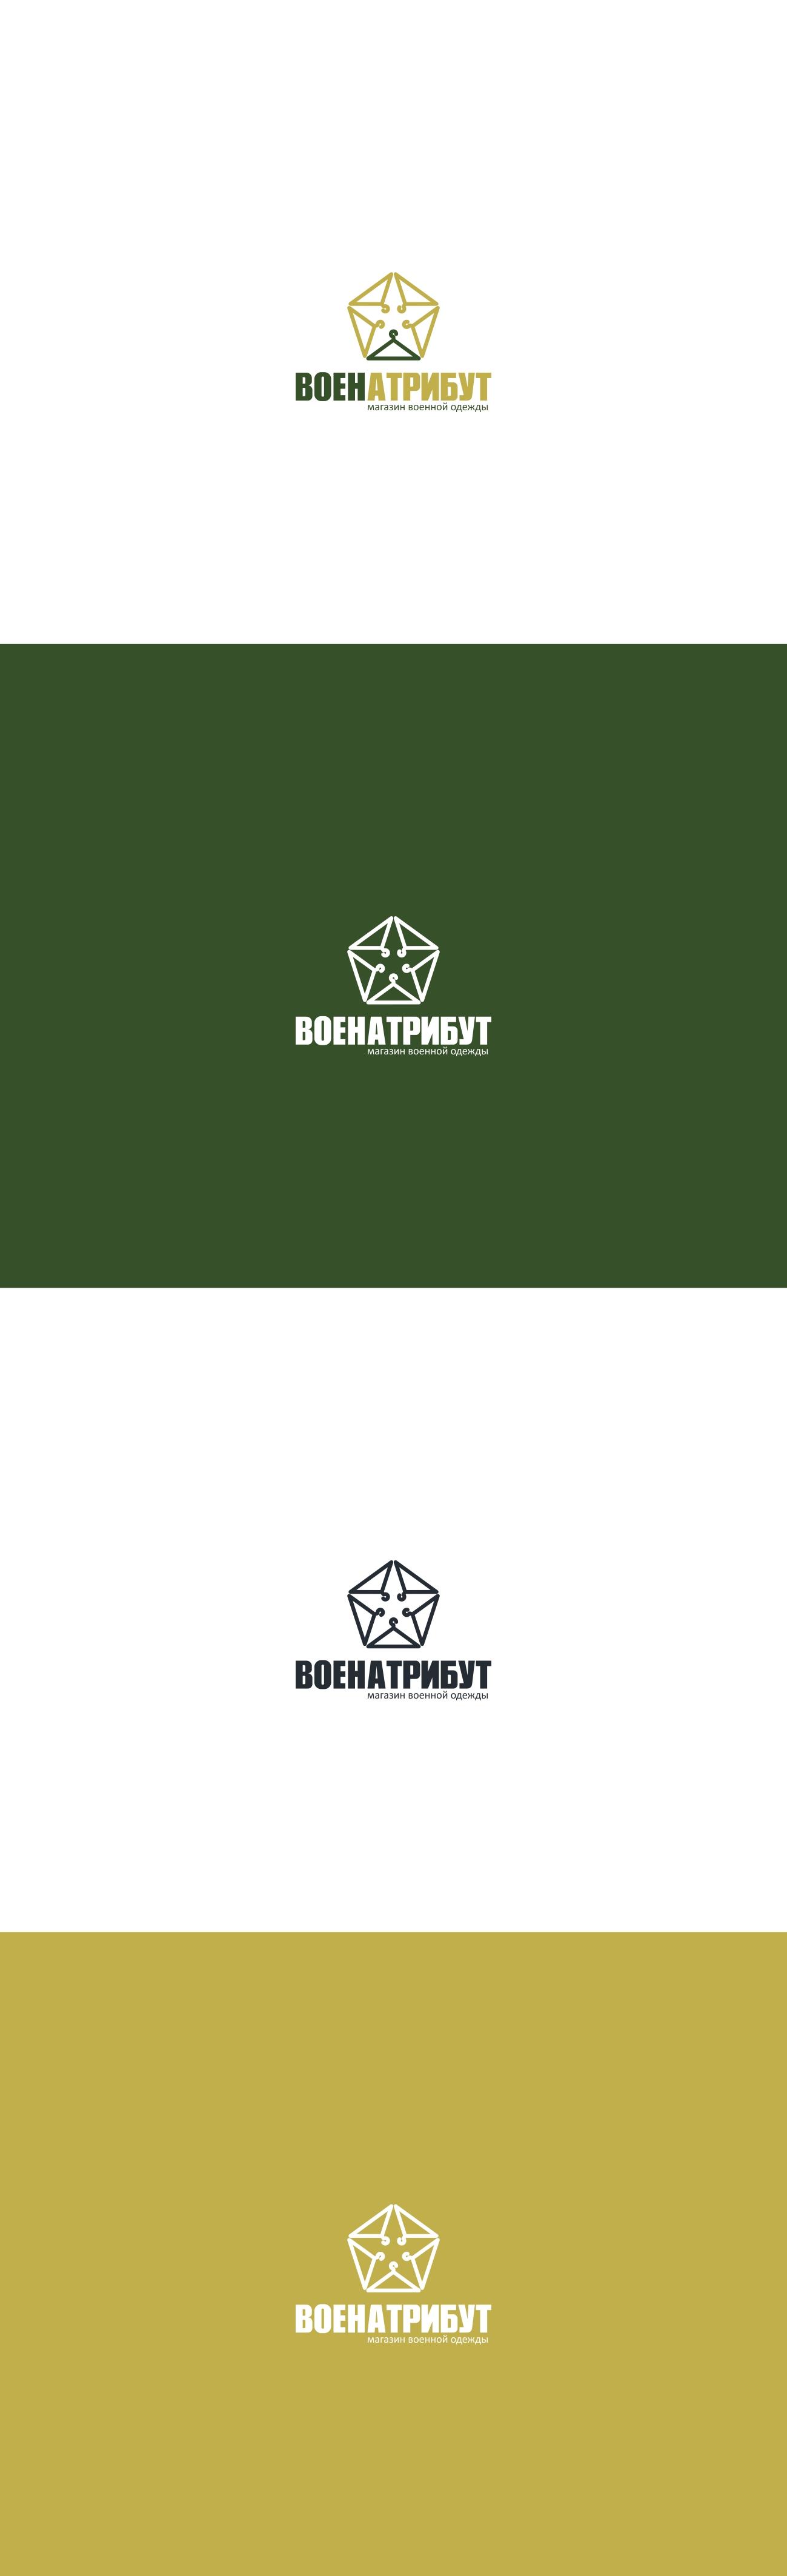 Разработка логотипа для компании военной тематики фото f_63460251b2f50081.jpg